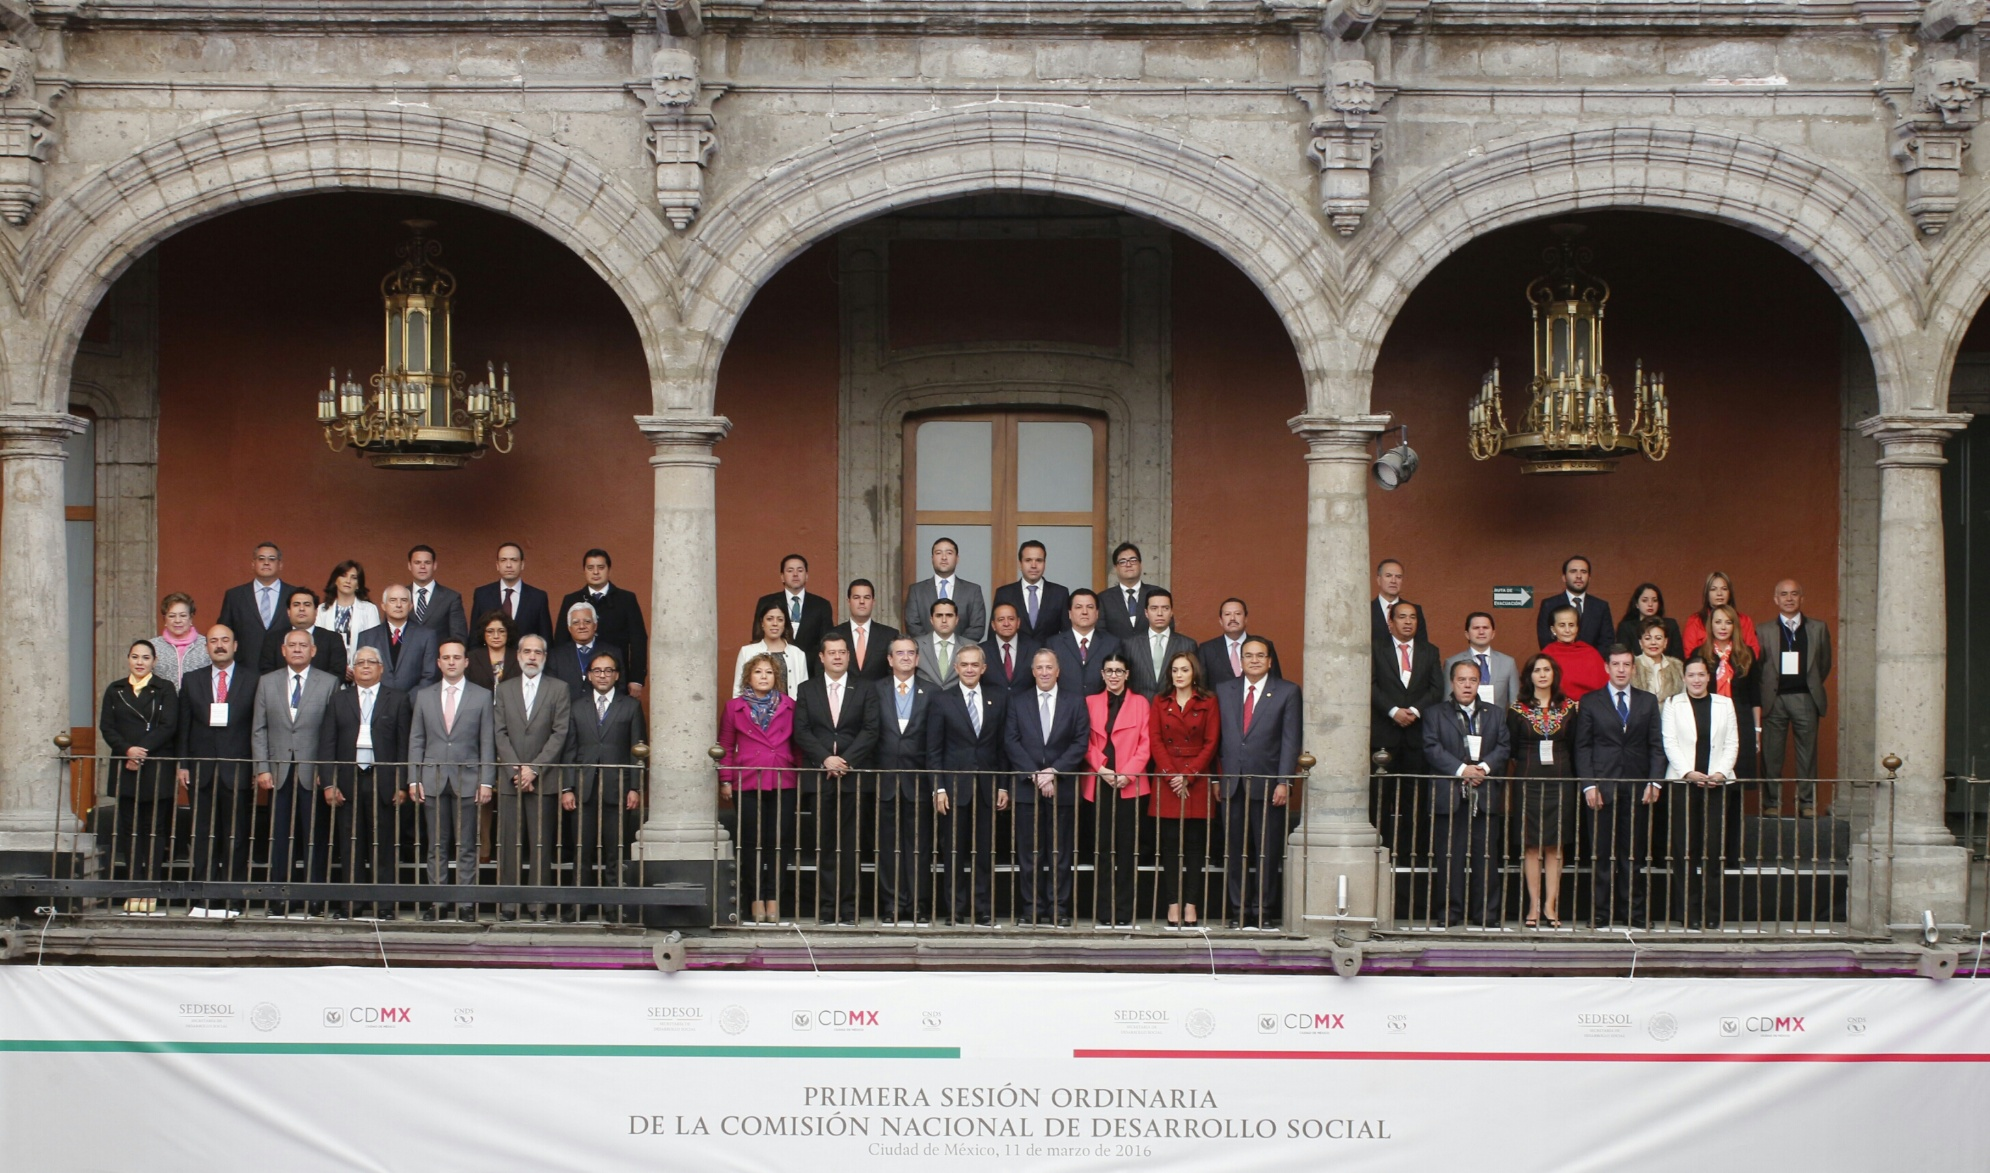 Mensaje del Srio. José A. Meade, en el marco de la inauguración de la 1era. Sesión Ord. 2016 de la Comisión Nacional de Desarrollo Social